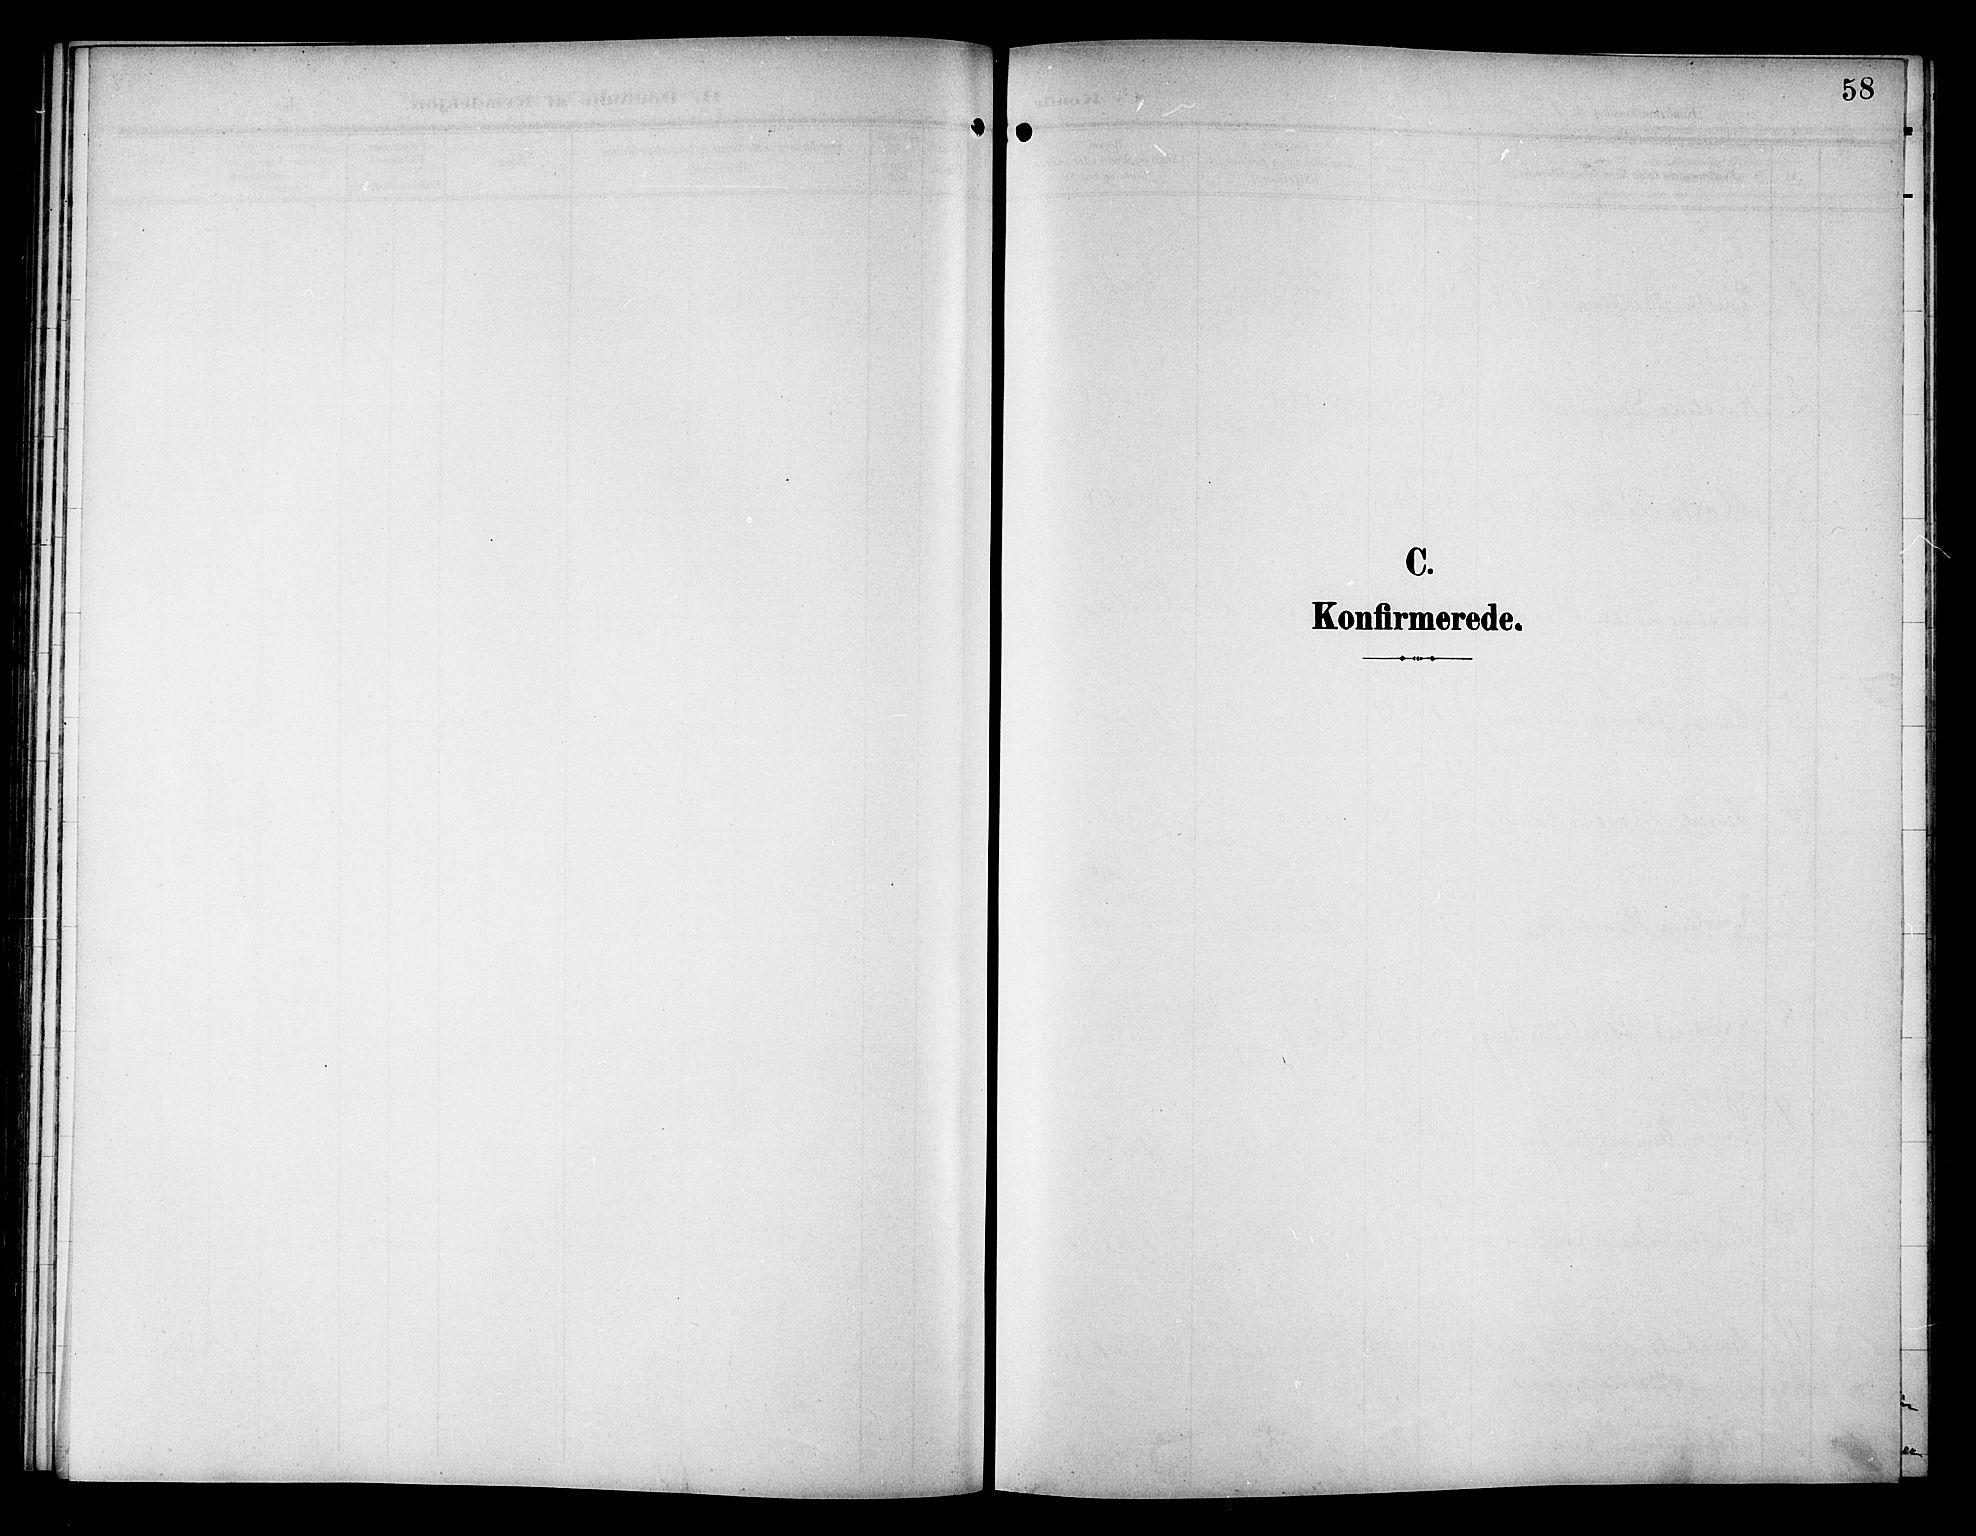 SAT, Ministerialprotokoller, klokkerbøker og fødselsregistre - Nord-Trøndelag, 757/L0506: Klokkerbok nr. 757C01, 1904-1922, s. 58